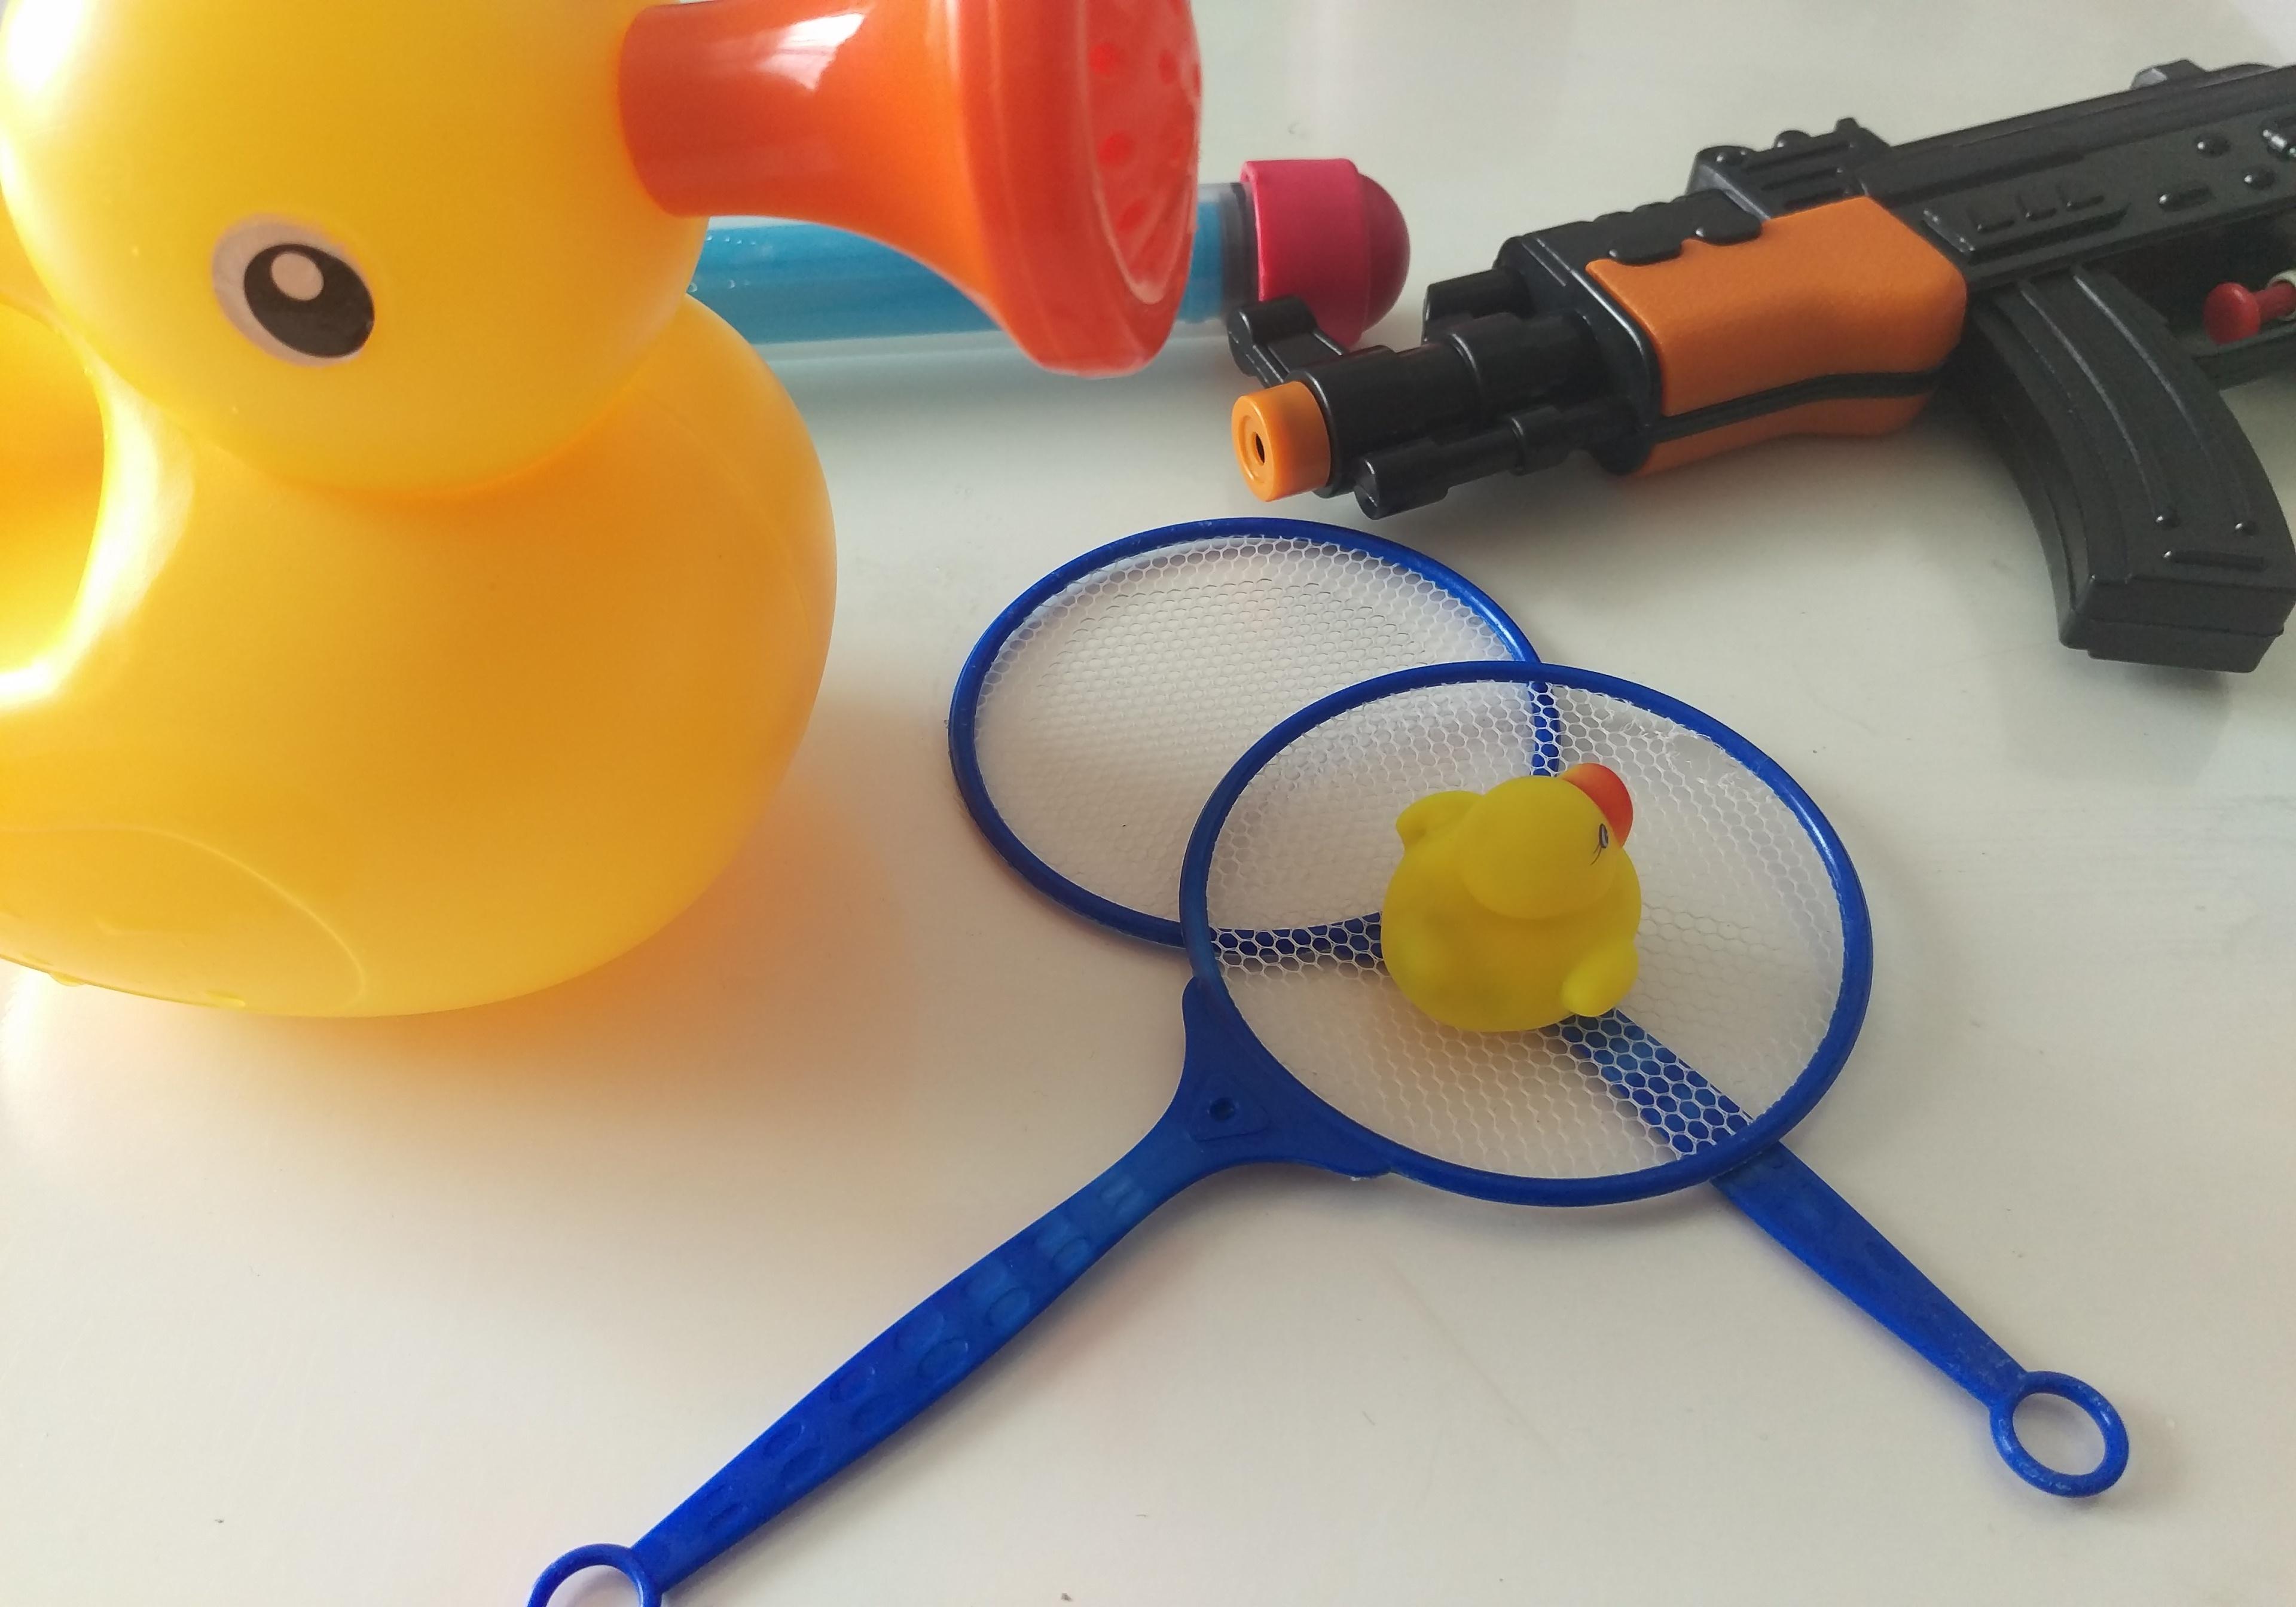 水鉄砲やジョウロなど水のおもちゃ